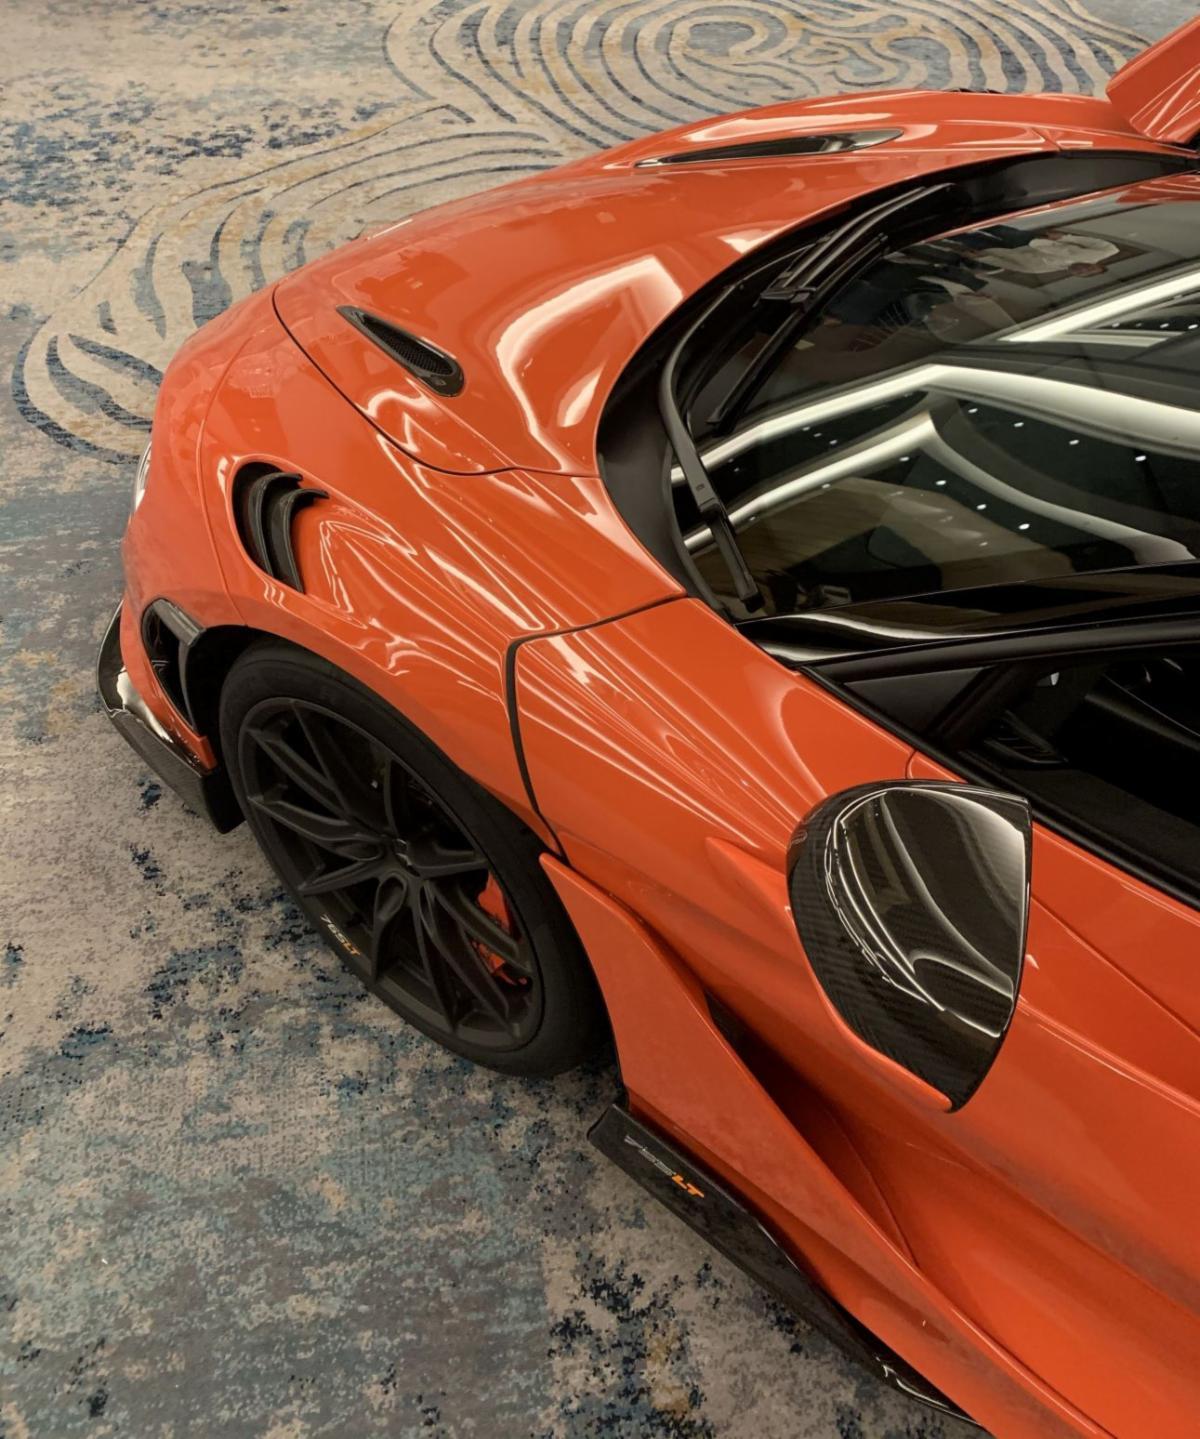 McLaren 765LT front left site